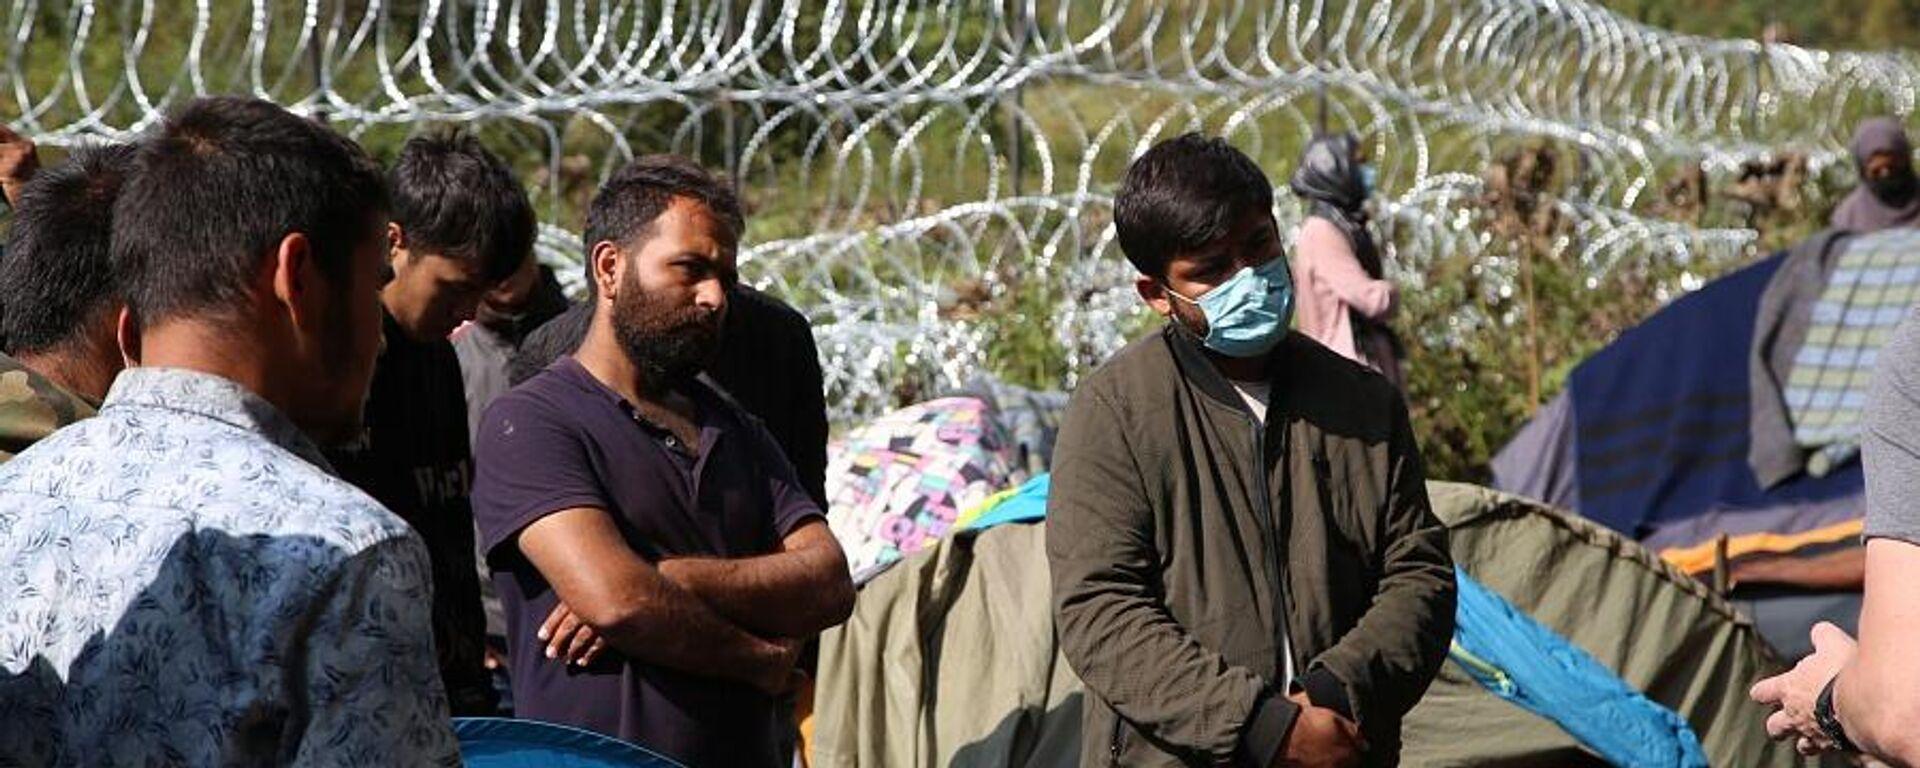 Афганские беженцы, находящиеся на польско-белорусской границе, 13 сентября 2021 года - Sputnik Латвия, 1920, 15.09.2021